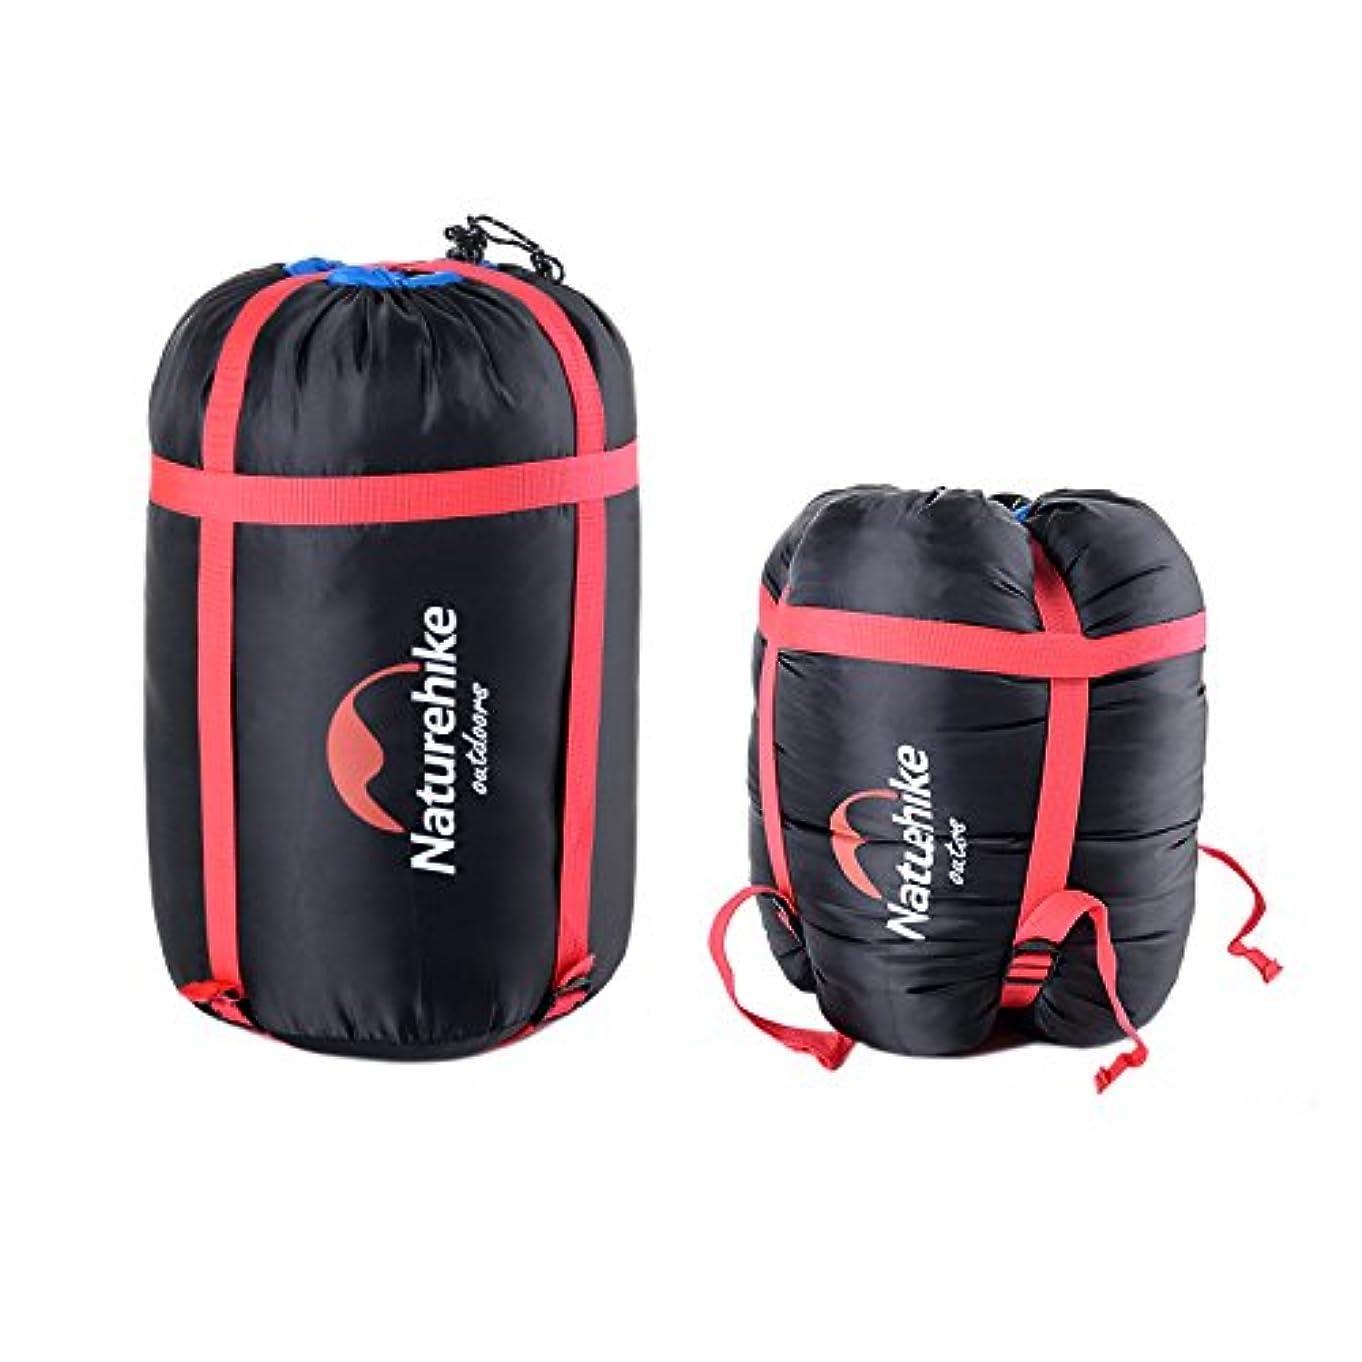 記念碑的な救出枢機卿Naturehike 軽量コンプレッションバッグ 寝袋 圧縮袋 圧縮バッグ アウトドア キャンプ用 旅行 小物収納袋 2本入り